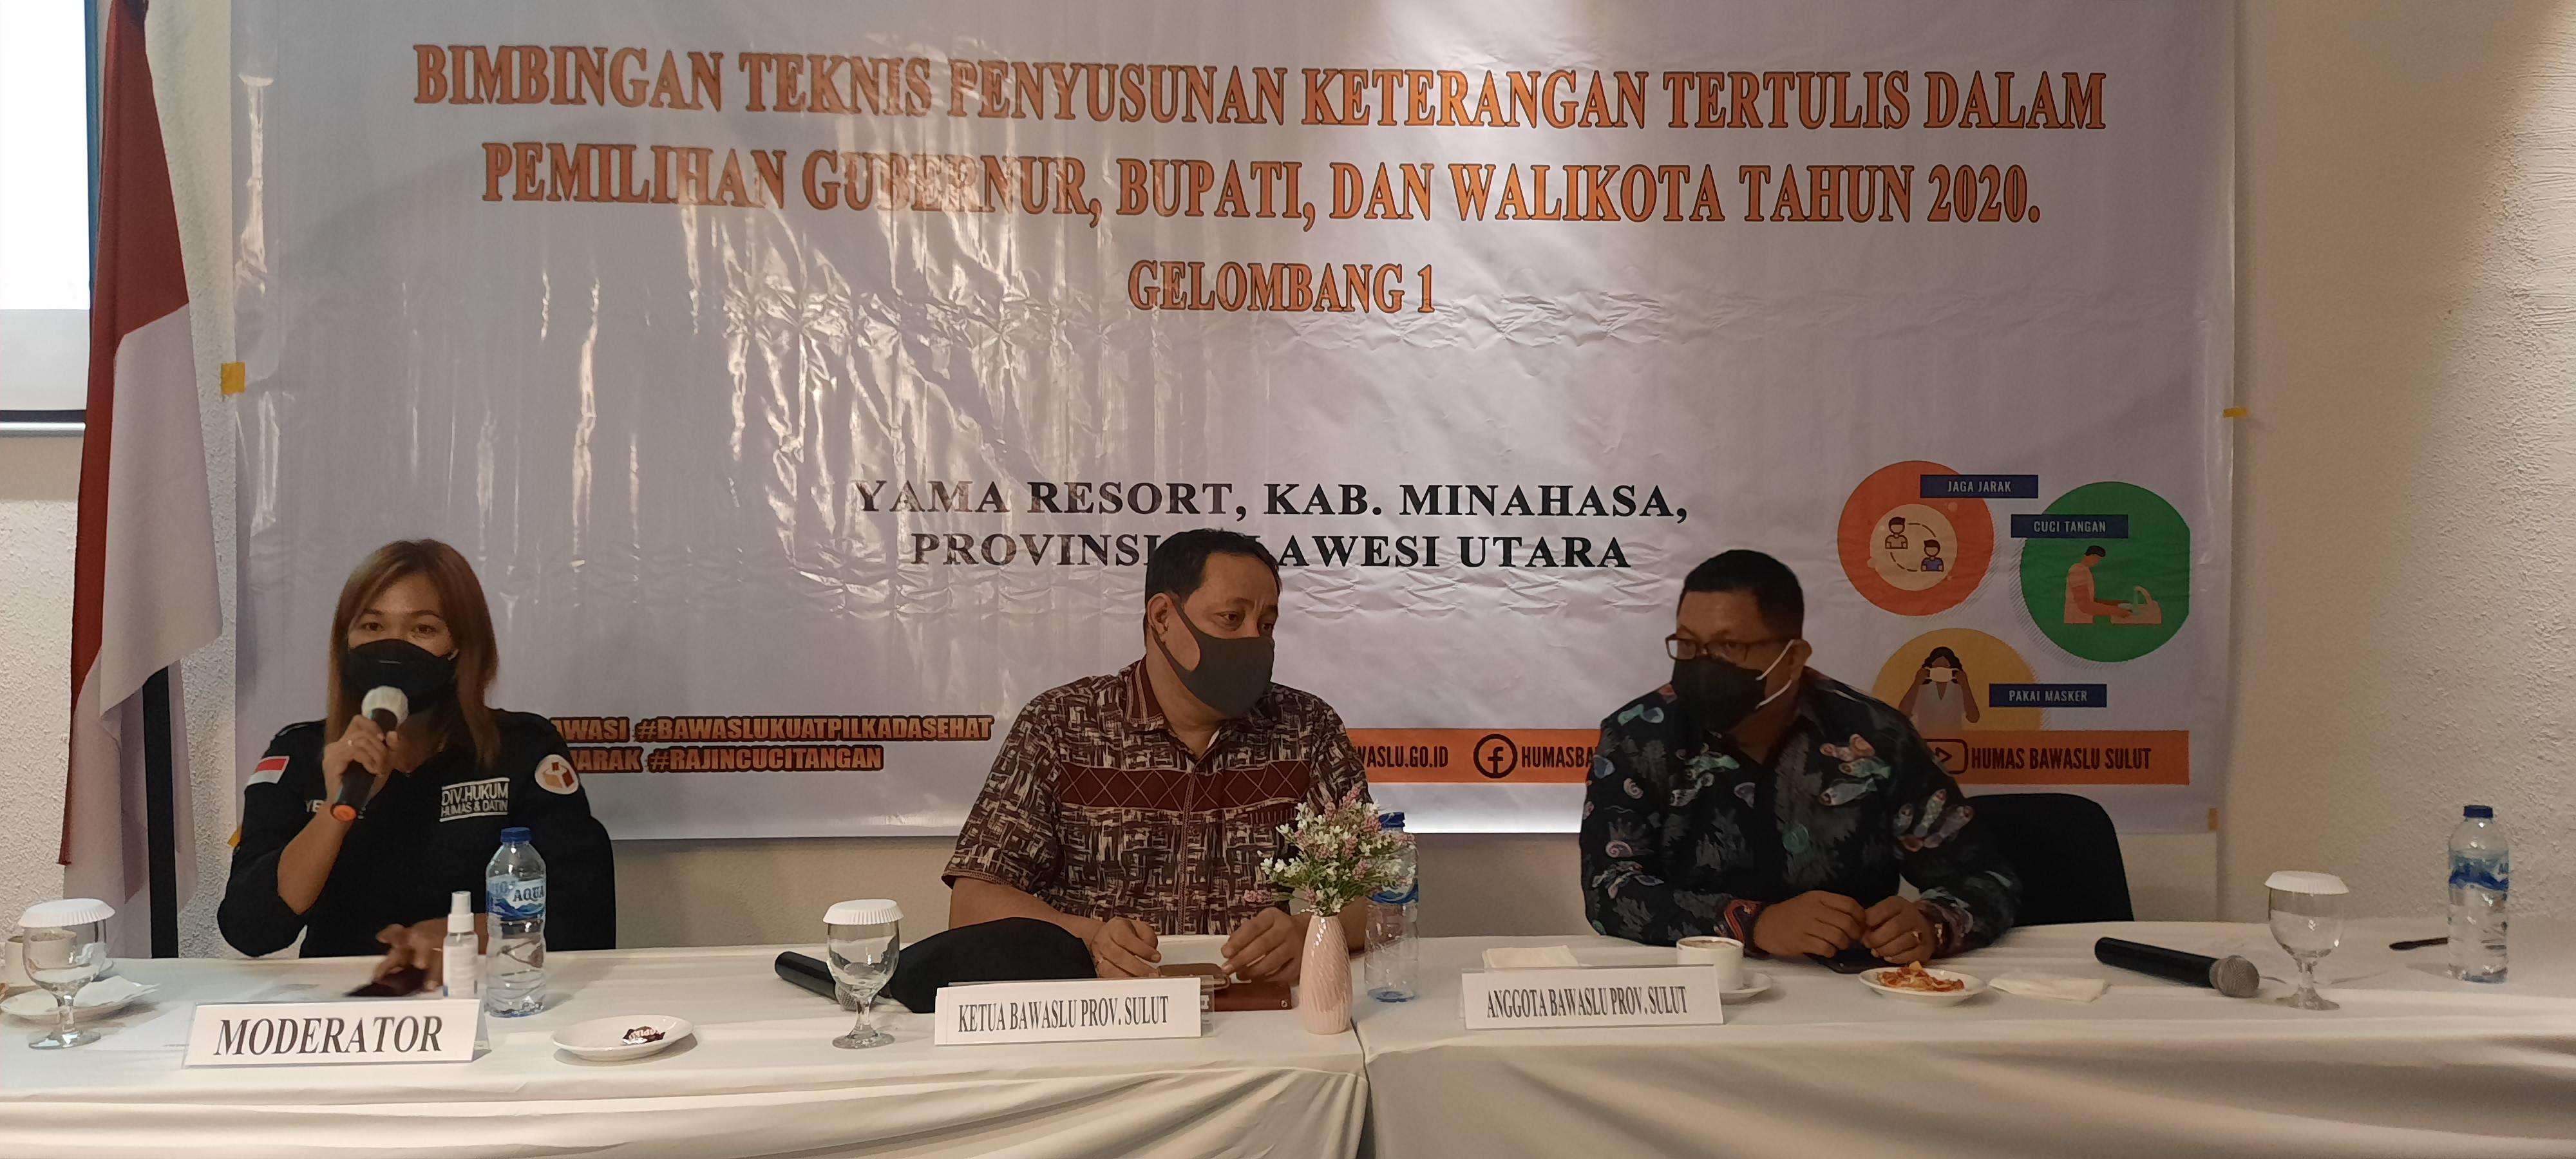 Bawaslu Provinsi Sulawesi Utara menggelar Bimbingan Teknis Penyusunan Keterangan Tertulis Dalam Pemilihan Gubernur, Bupati, dan Walikota Tahun 2020